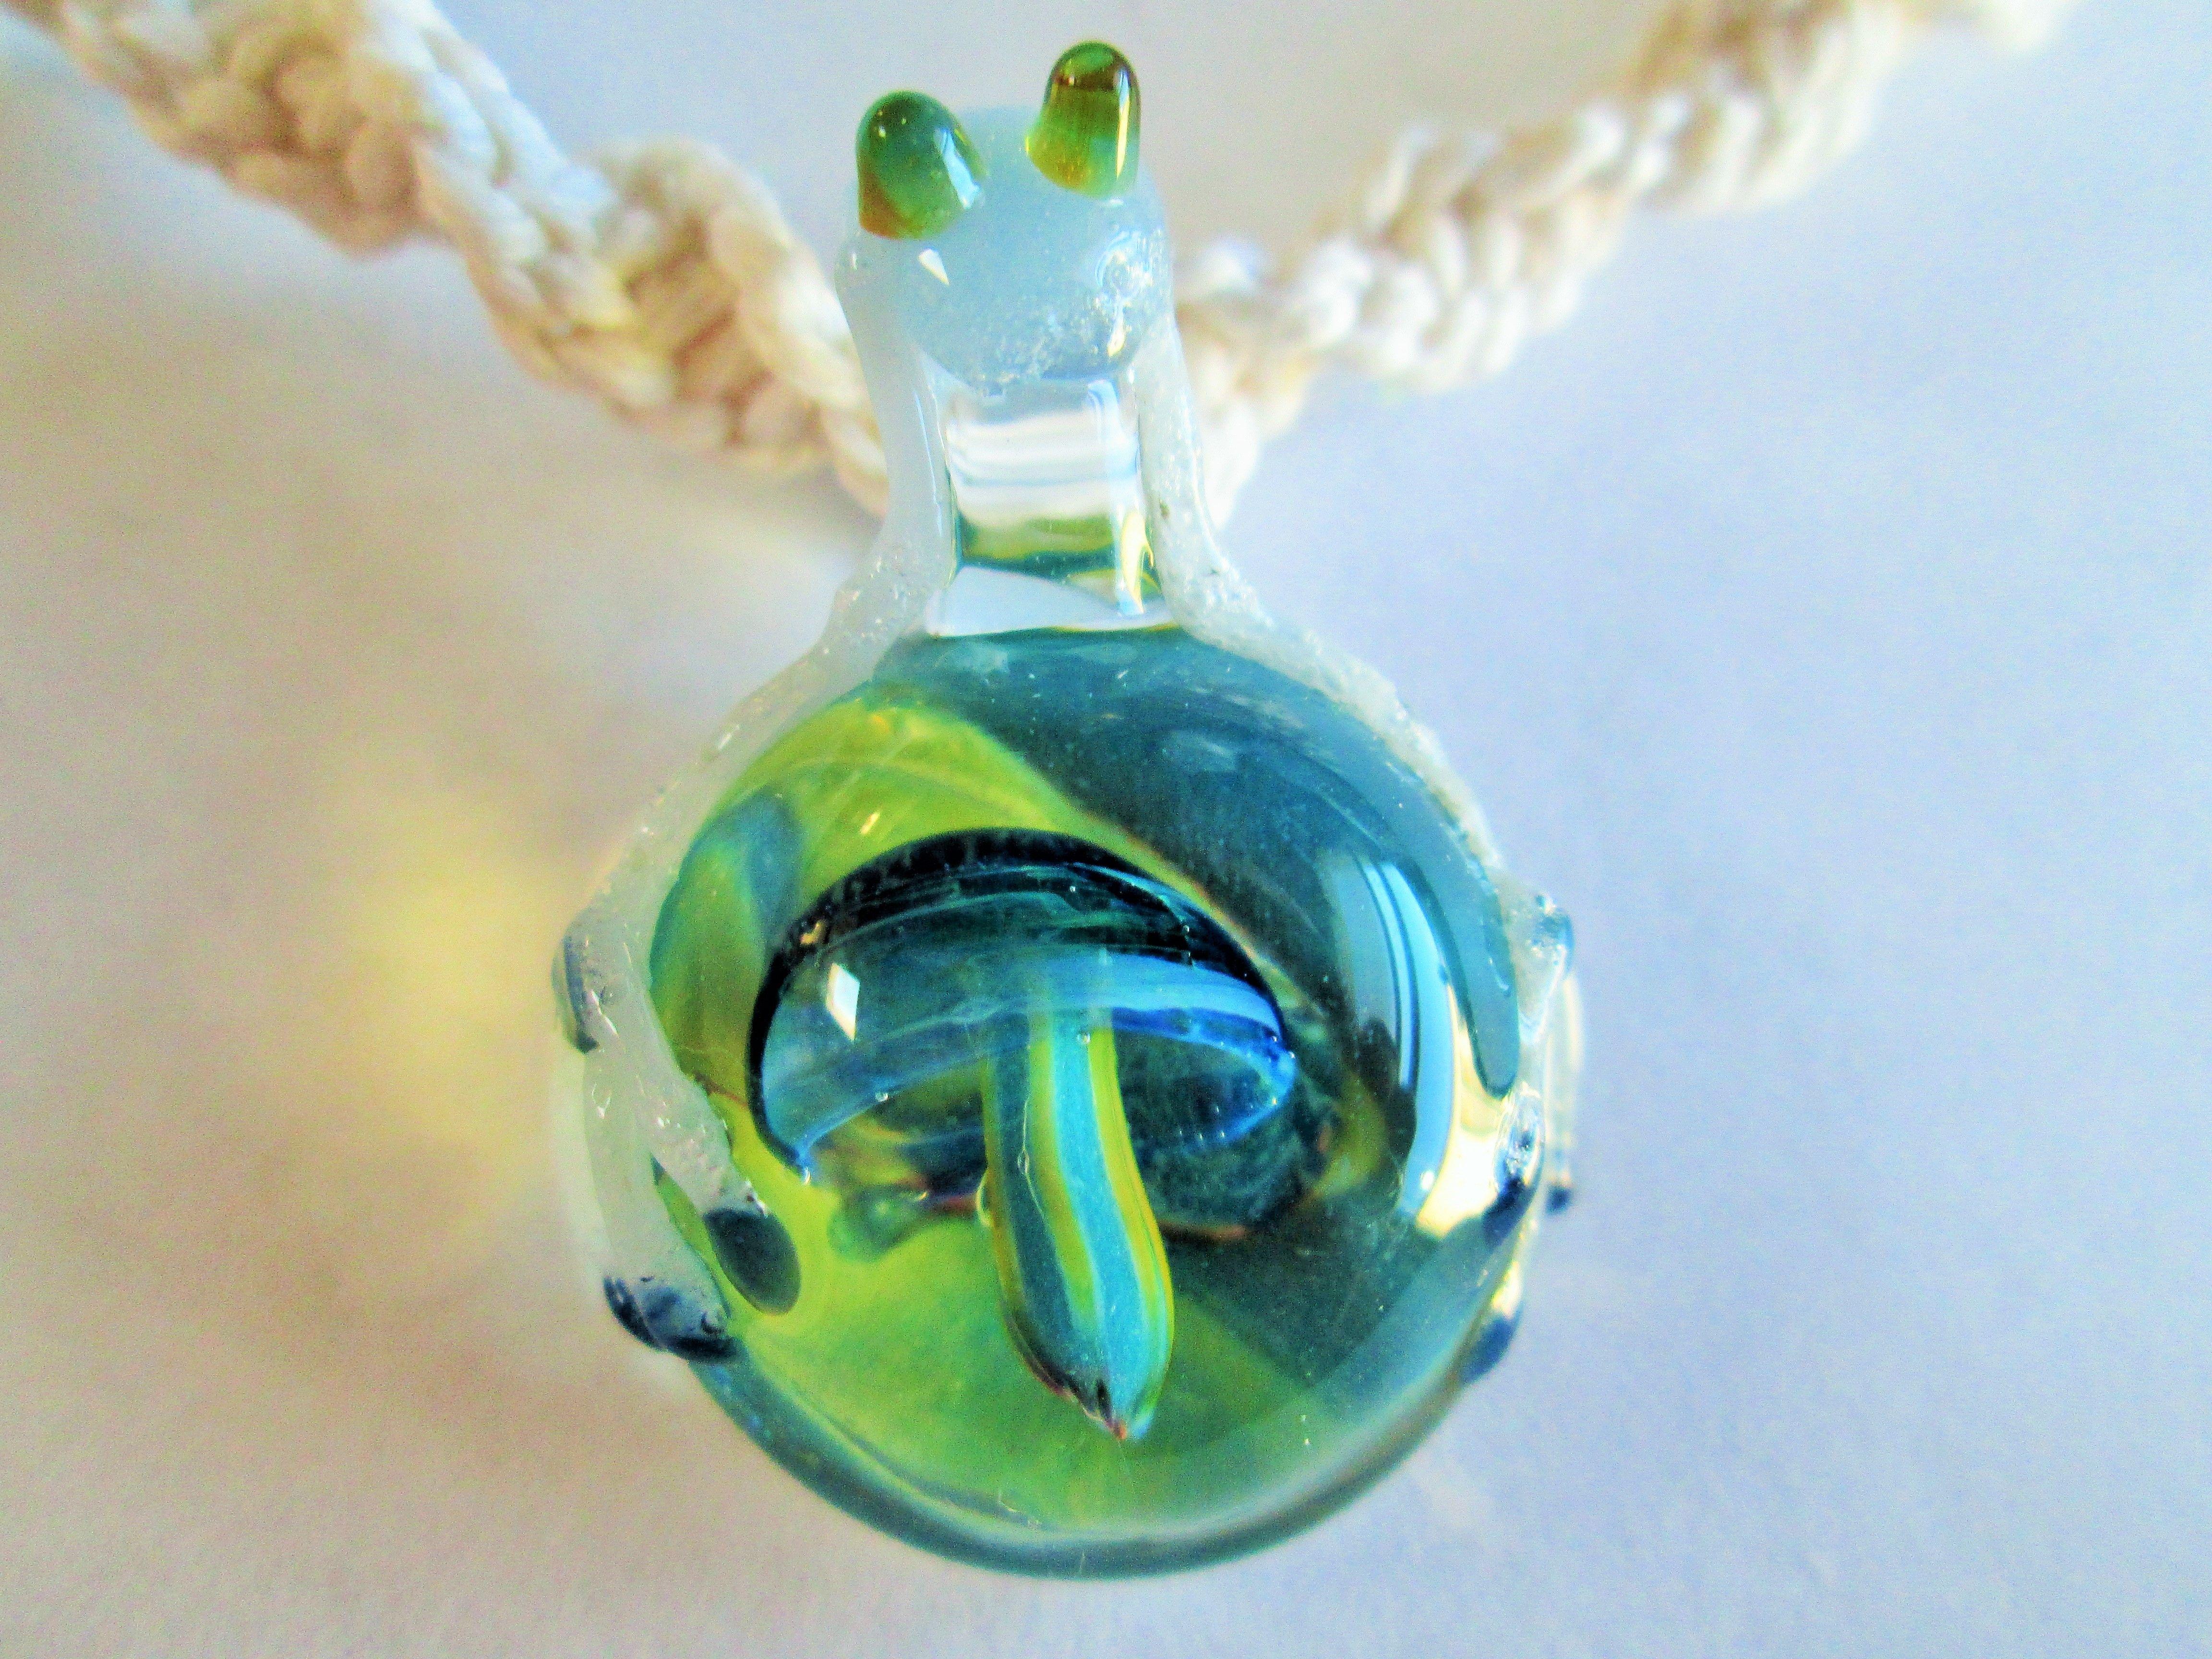 Hand Blown Glass Frog And Mushroom Pendant On Handmade White Hemp